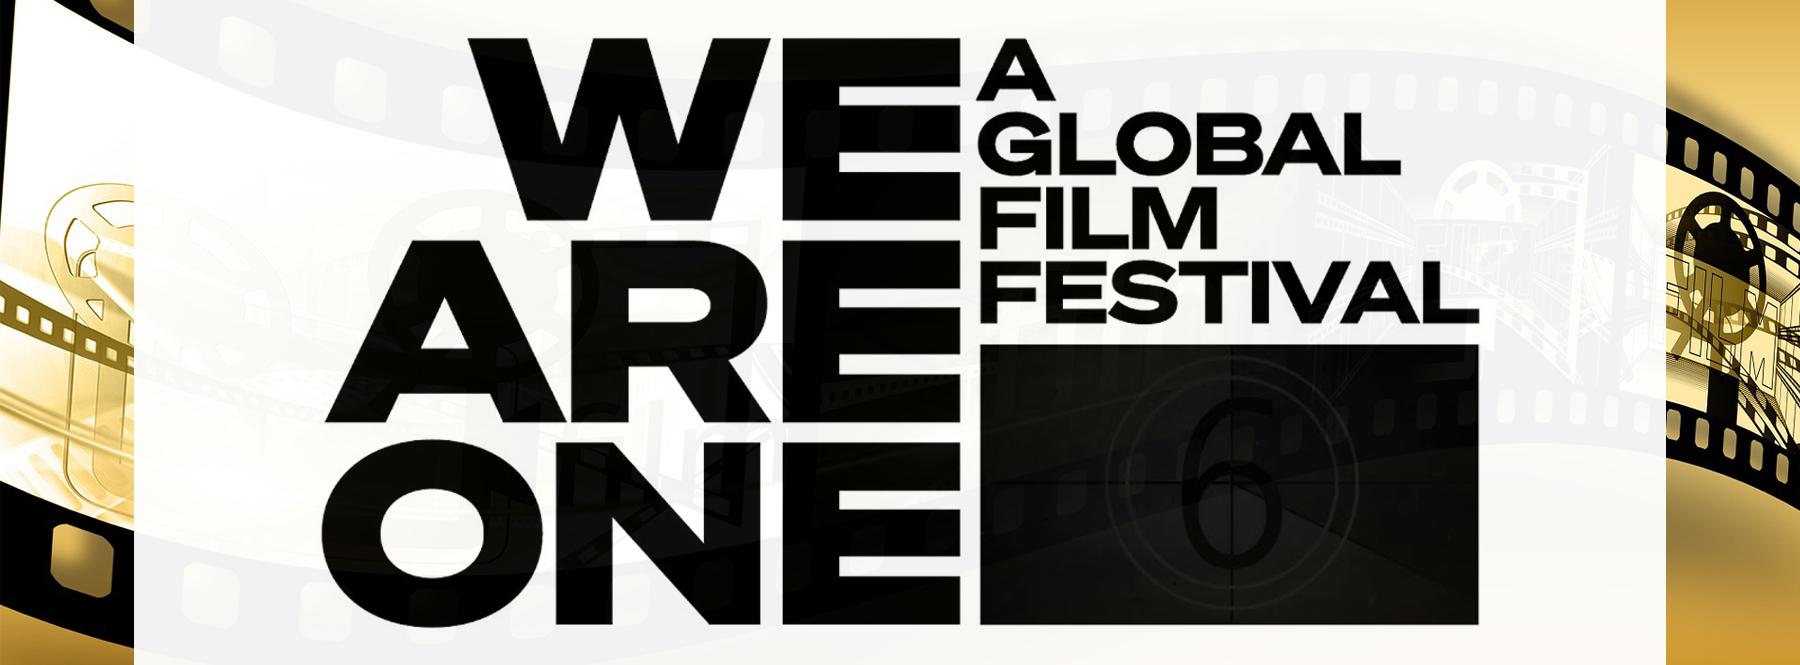 Cita inédita para los amantes del cine: el 29 de mayo se celebra We Are One en YouTube